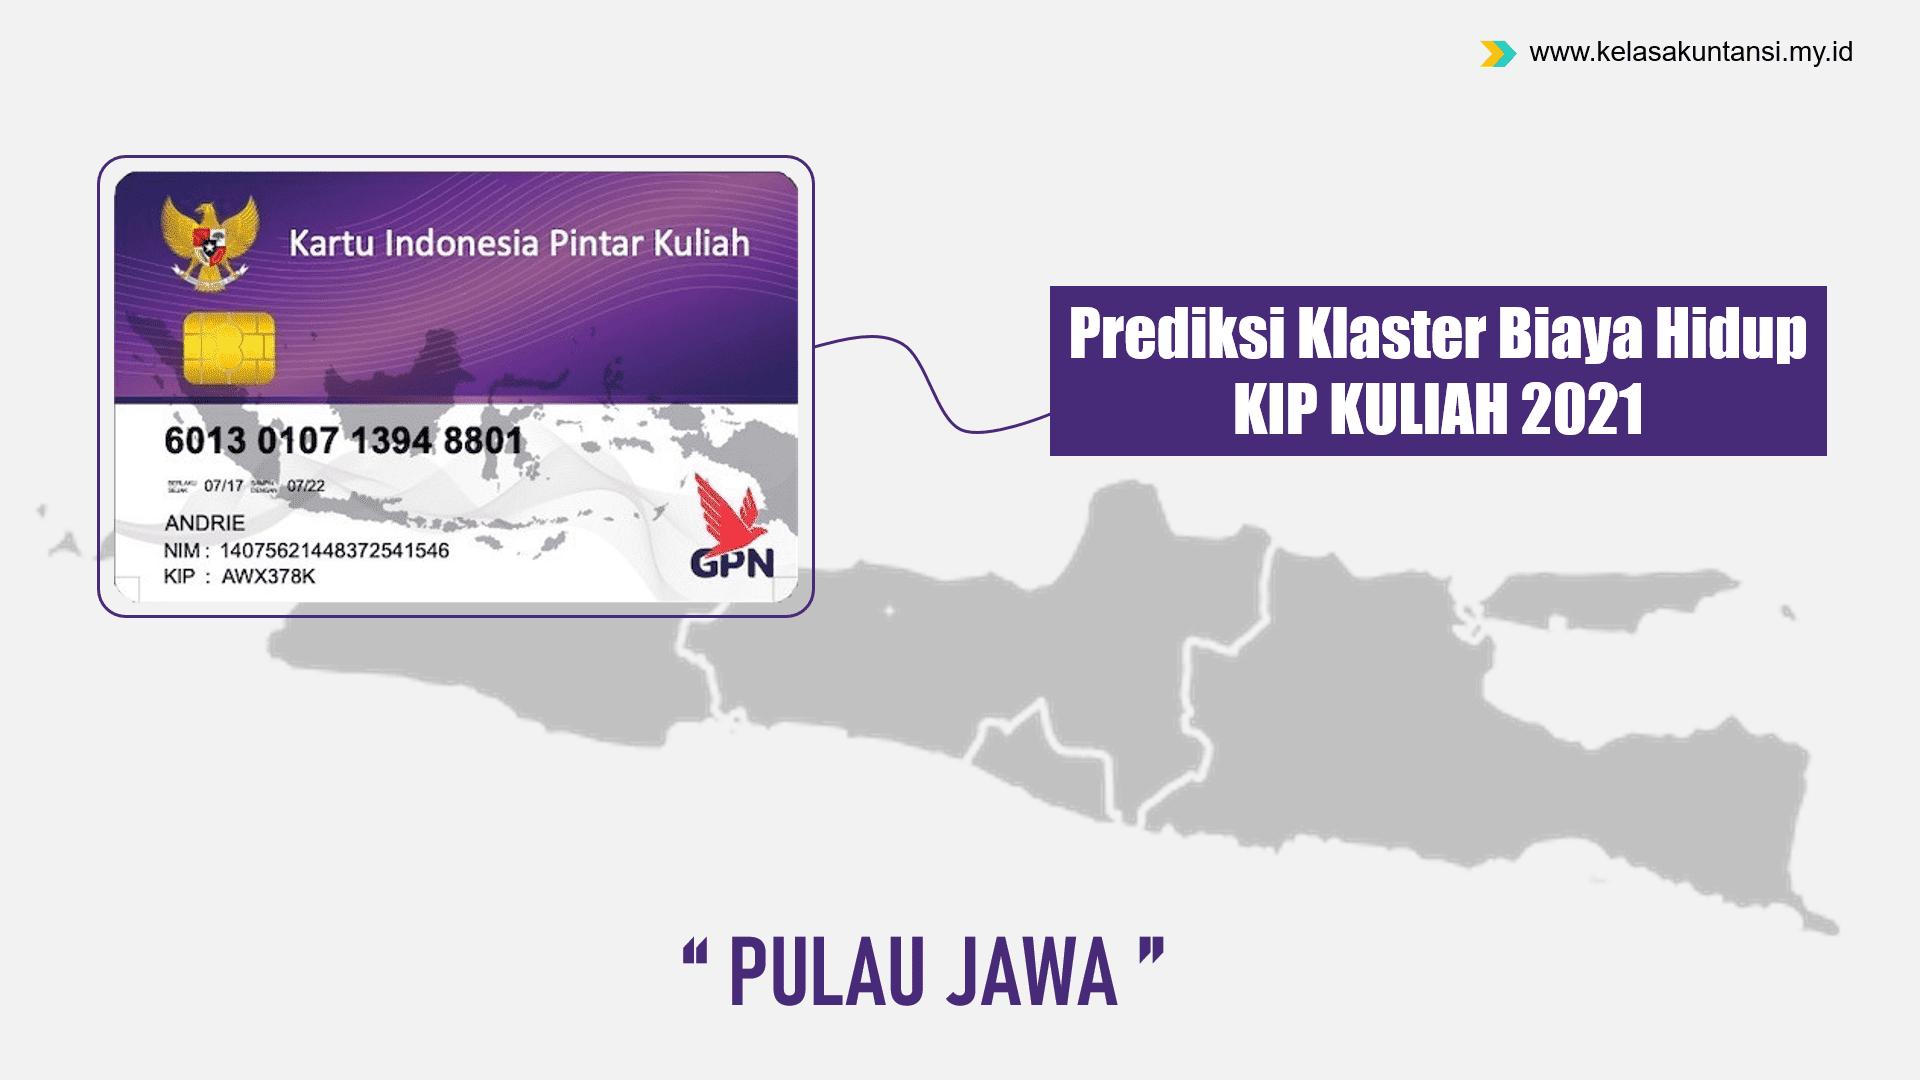 Prediksi Pengelompokan Klaster Biaya Hidup KIP Kuliah 2021 di Pulau Jawa